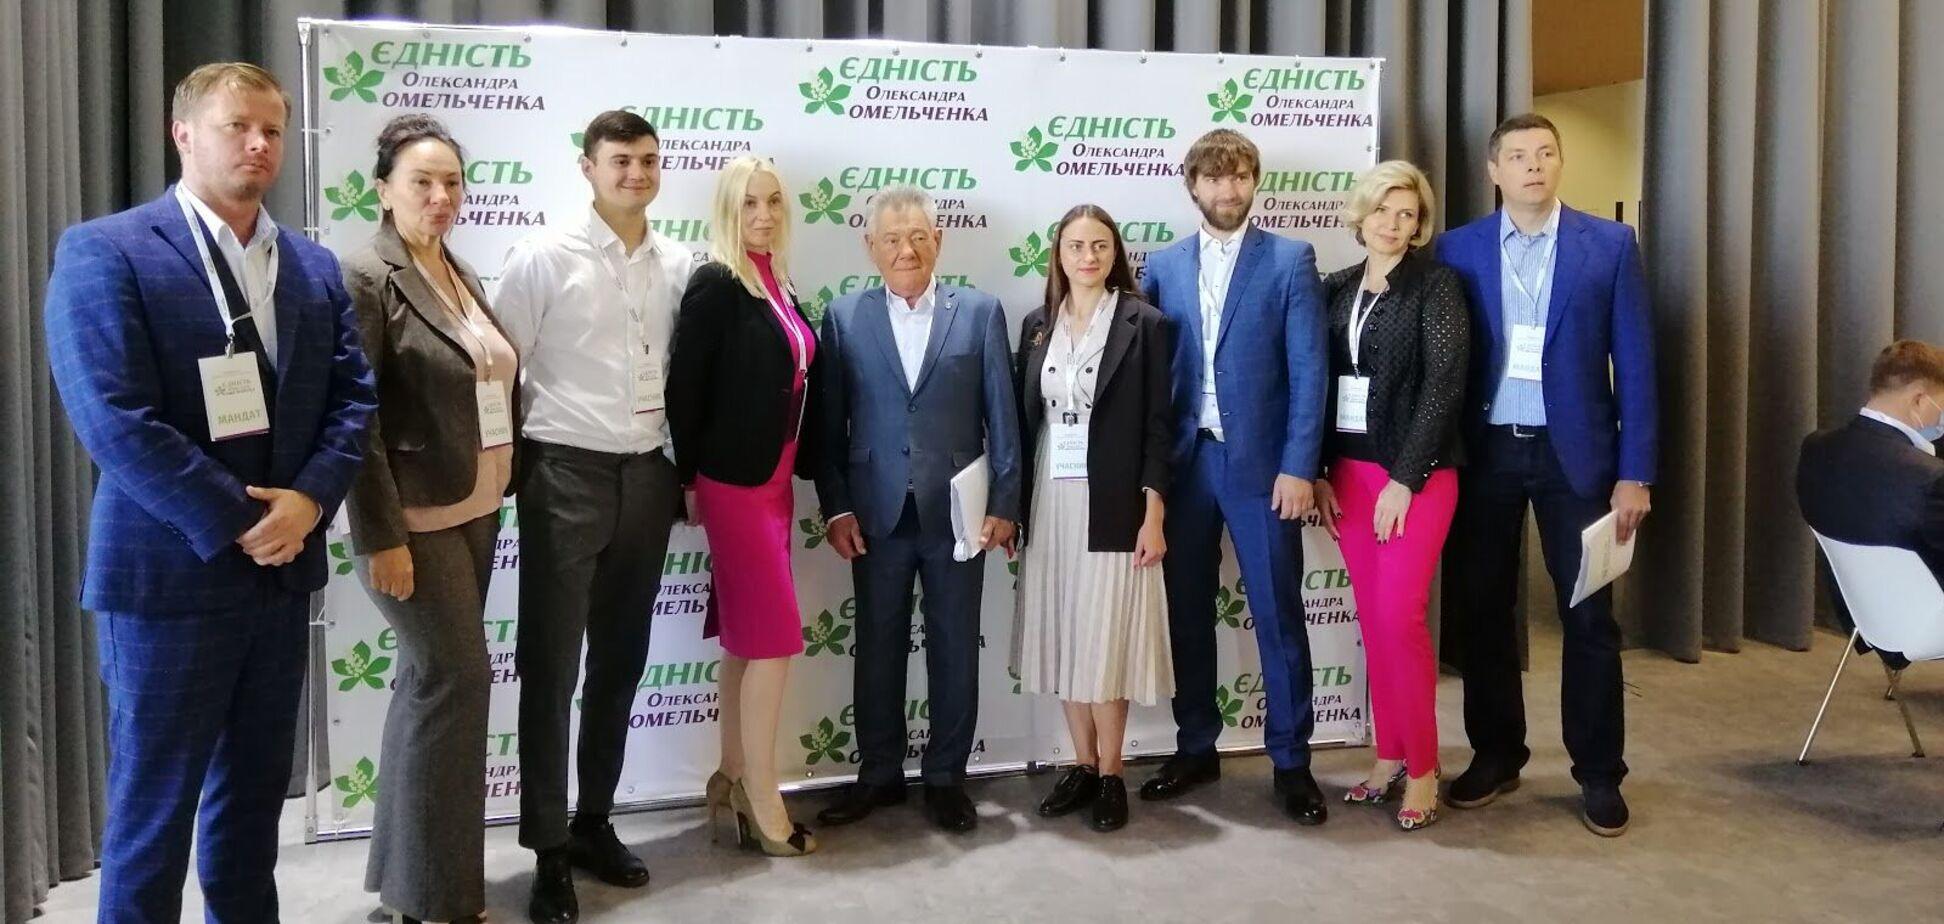 Партію 'Єдність Олександра Омельченка' підозрюють у підкупі виборців